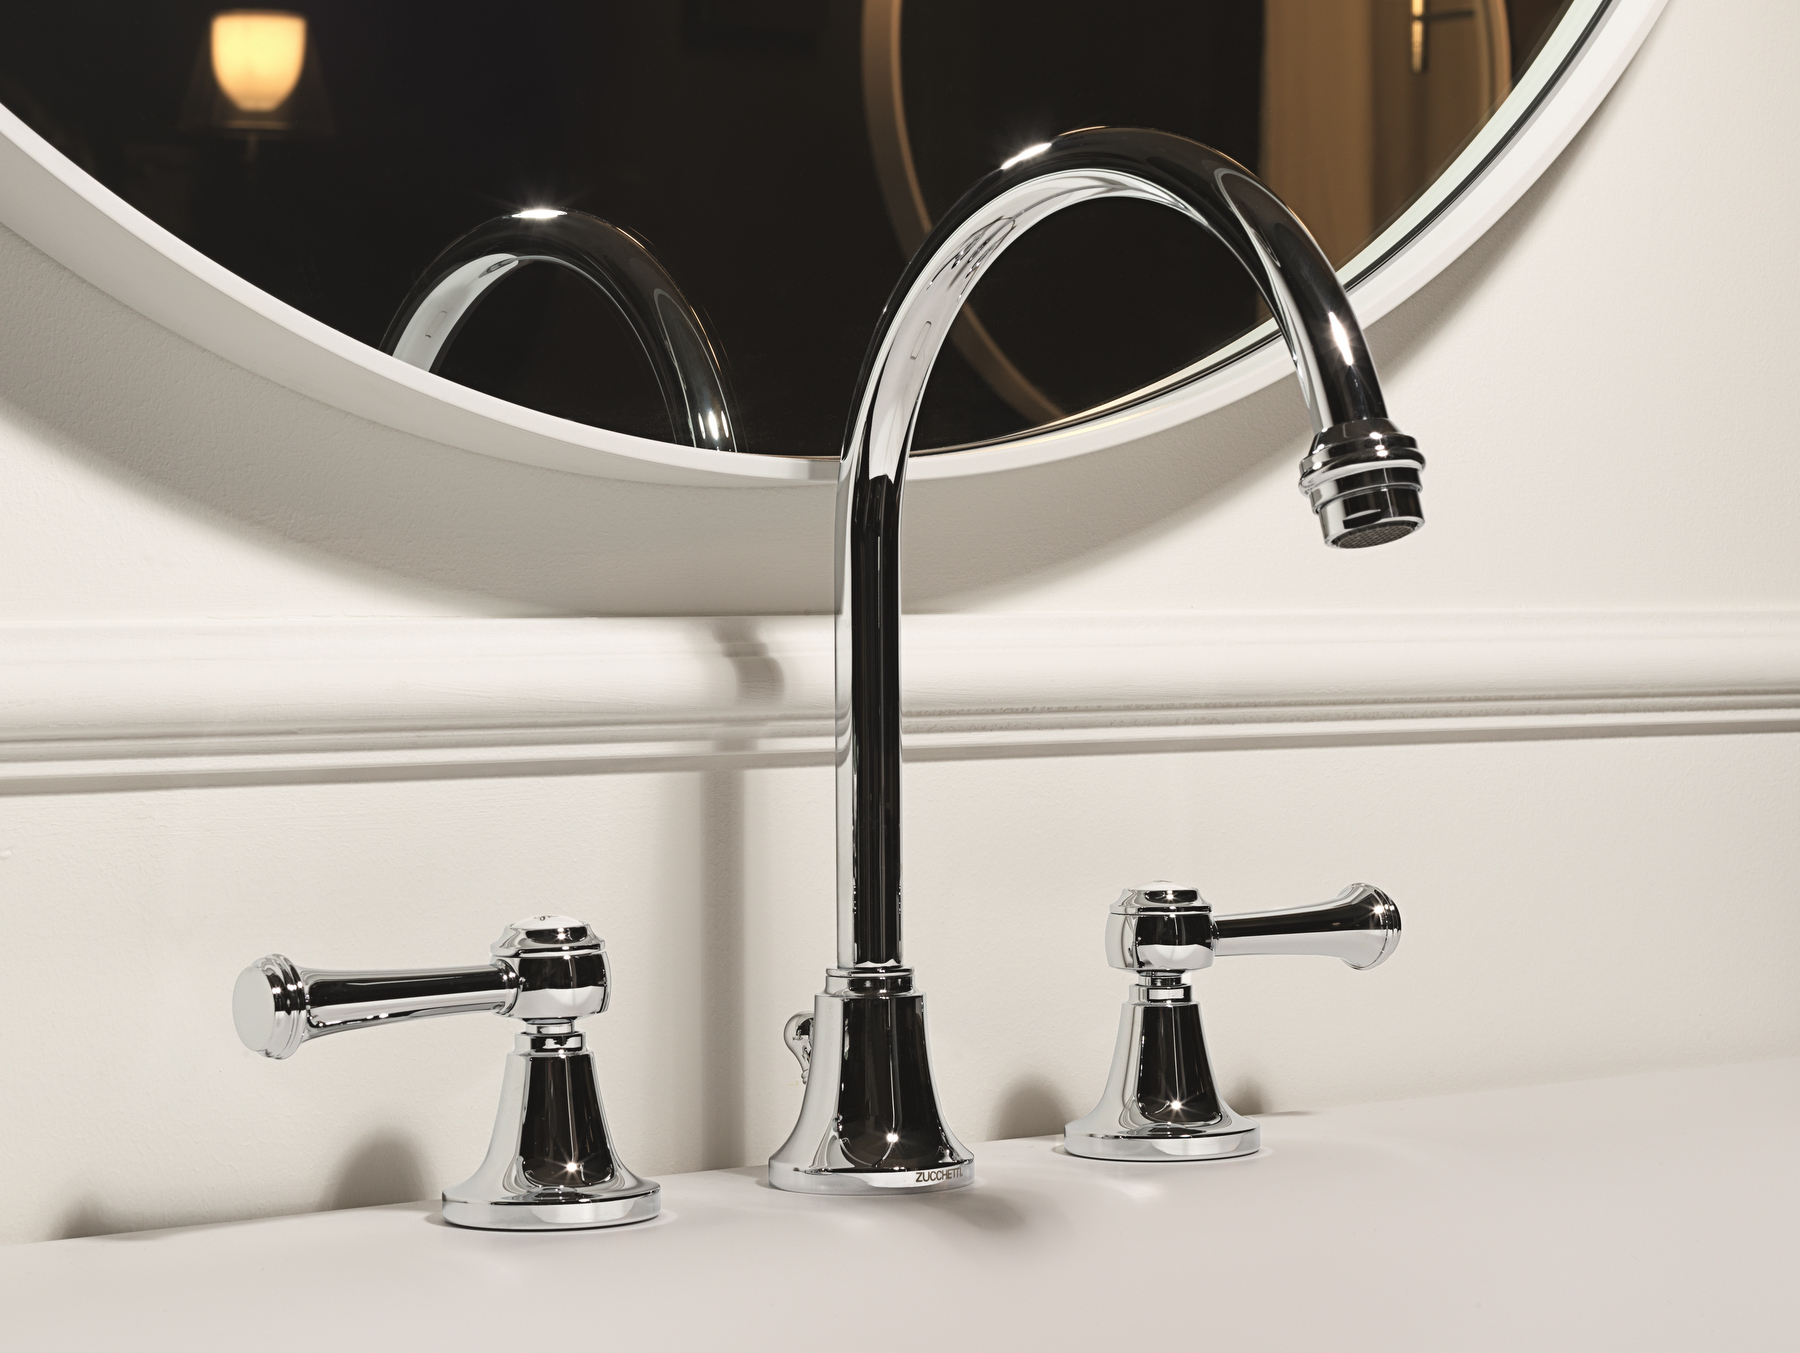 Agor classic rubinetto per lavabo cromo by zucchetti - Rubinetteria bagno zucchetti ...